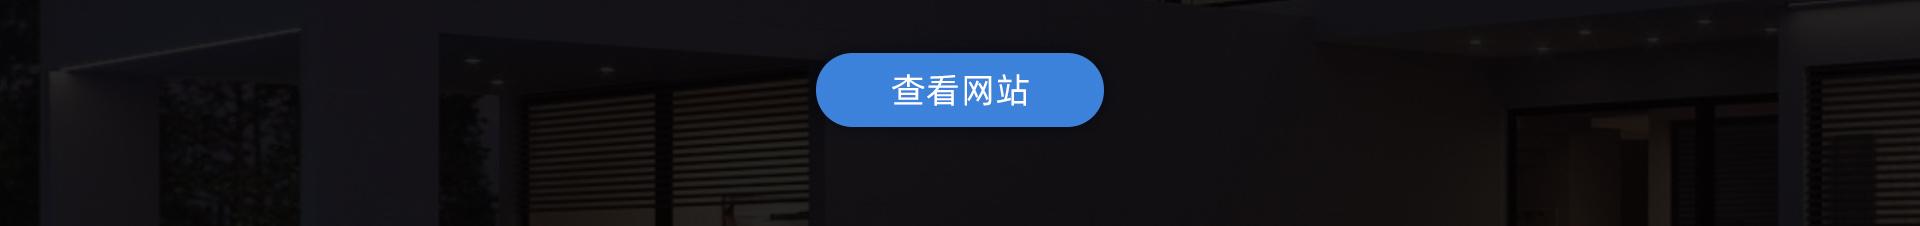 李梦-李梦-抚顺凌化商贸有限公司_02